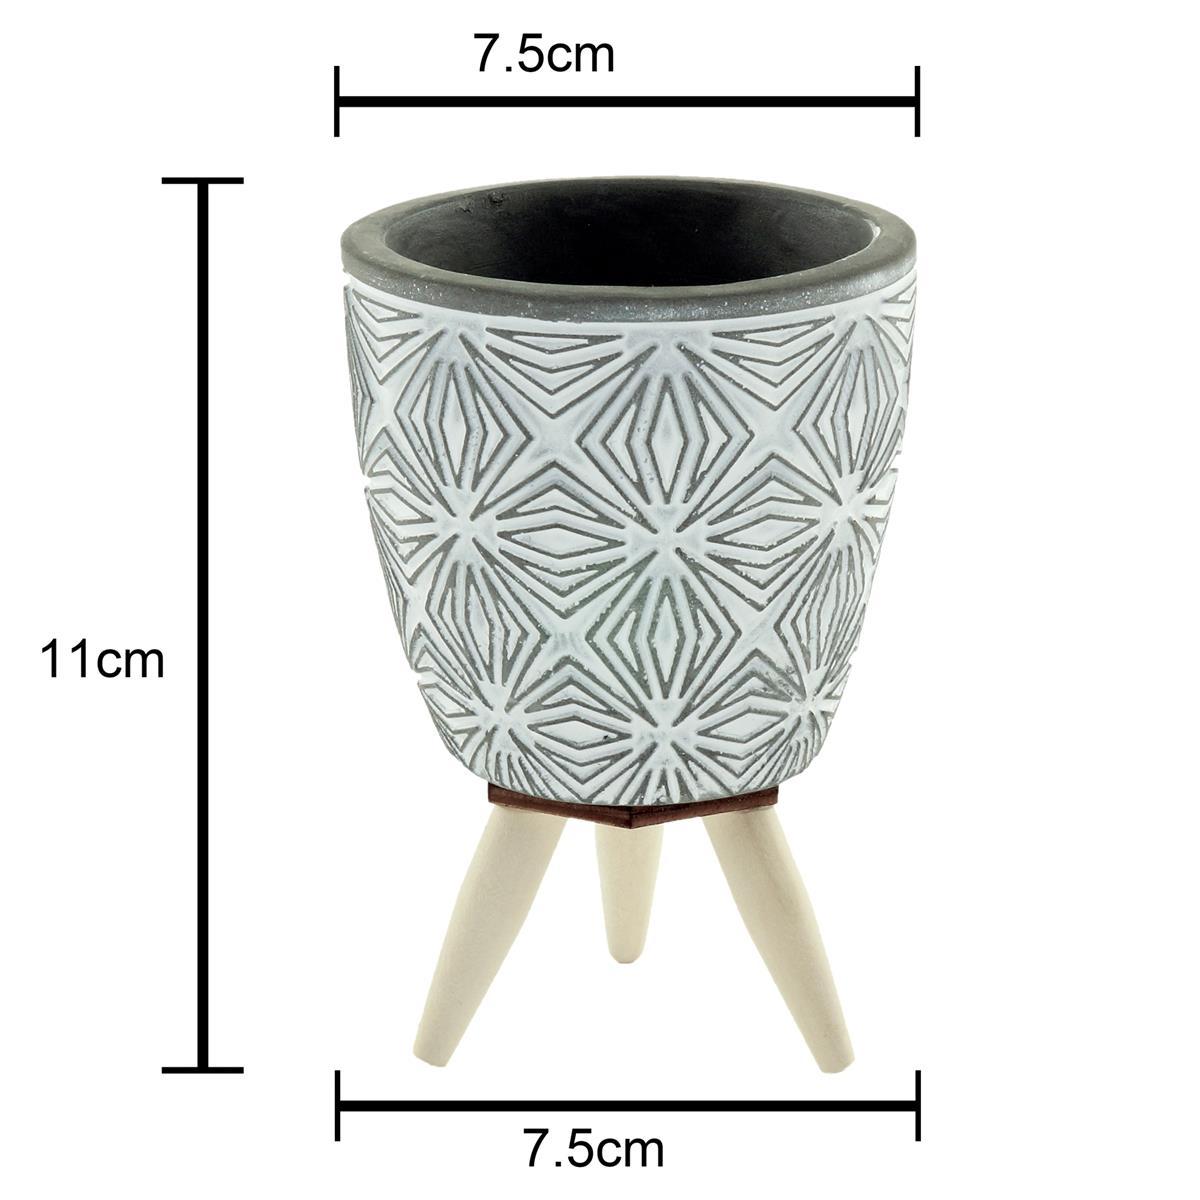 Cachepot concreto Symmetry Flowers cinza c/pé 7,5x11cm Urban